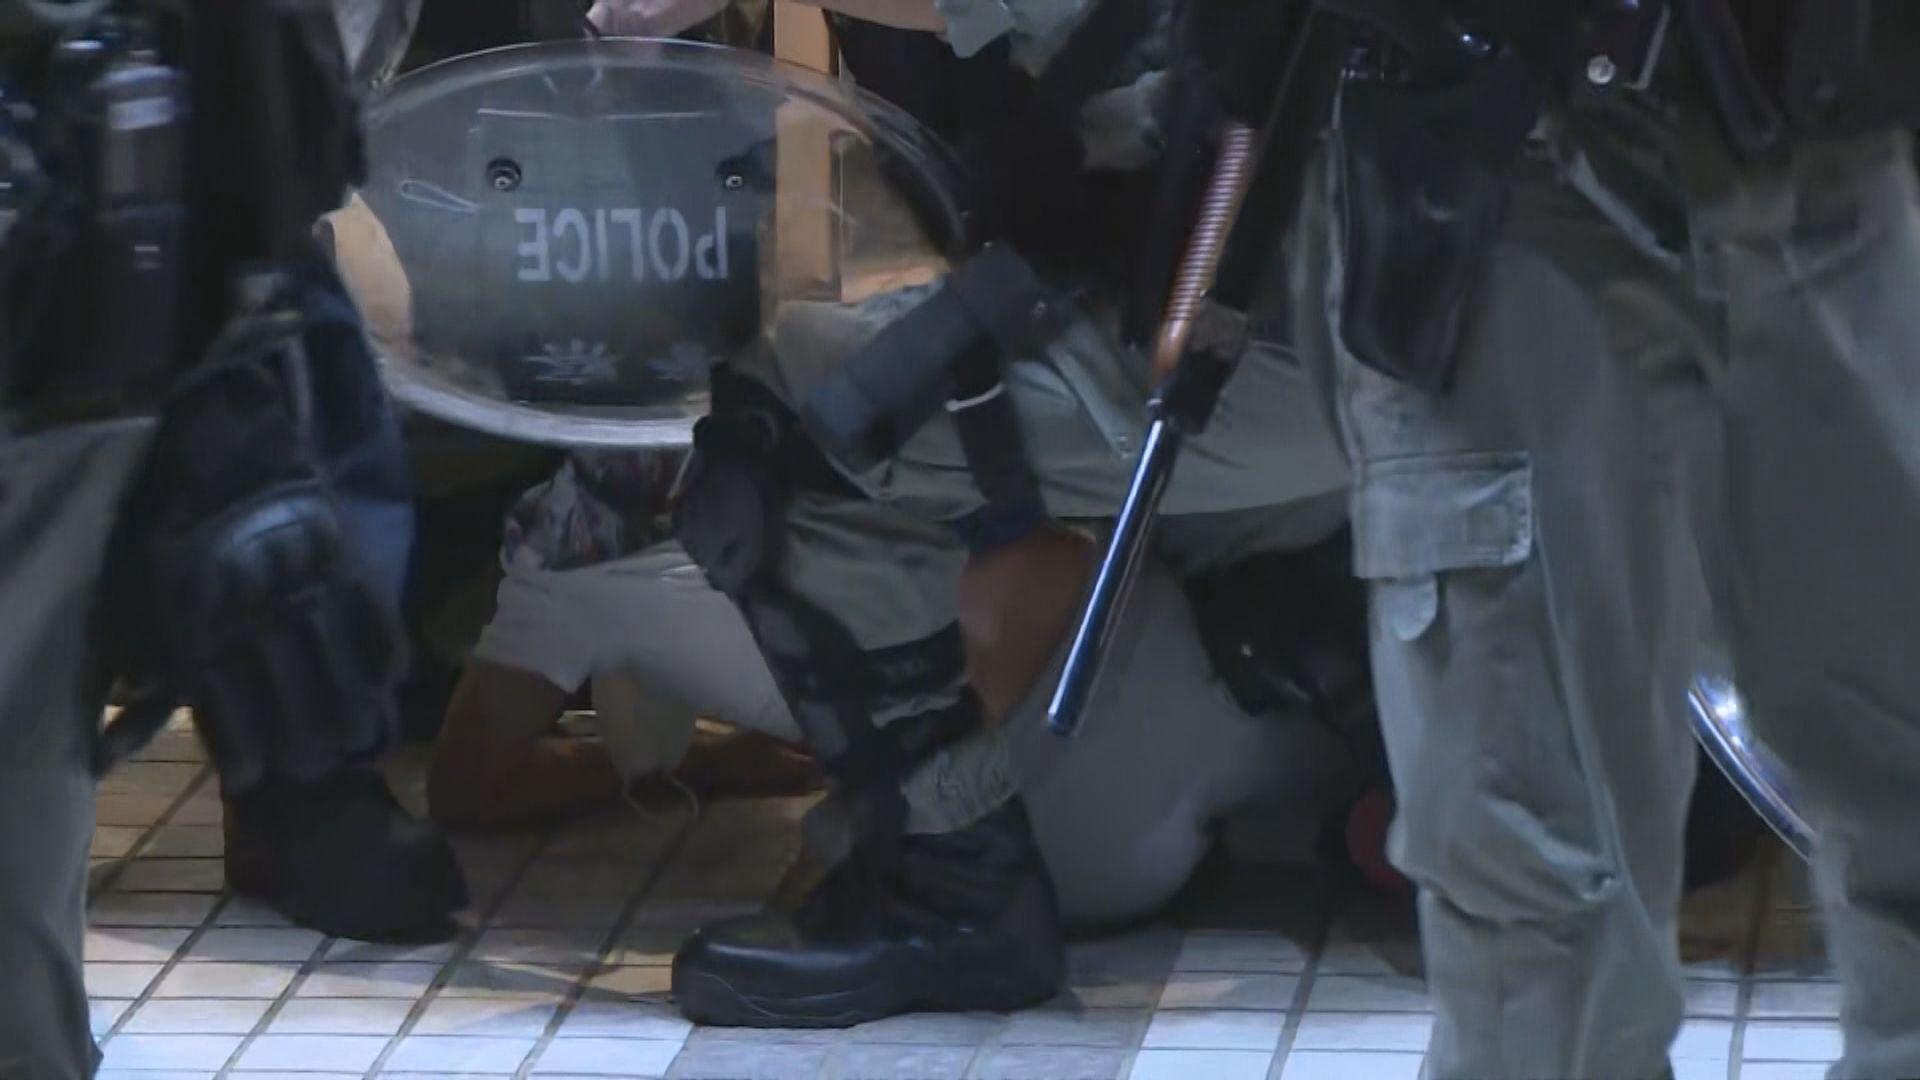 831事件紀念活動 警向多人發限聚令罰款告票